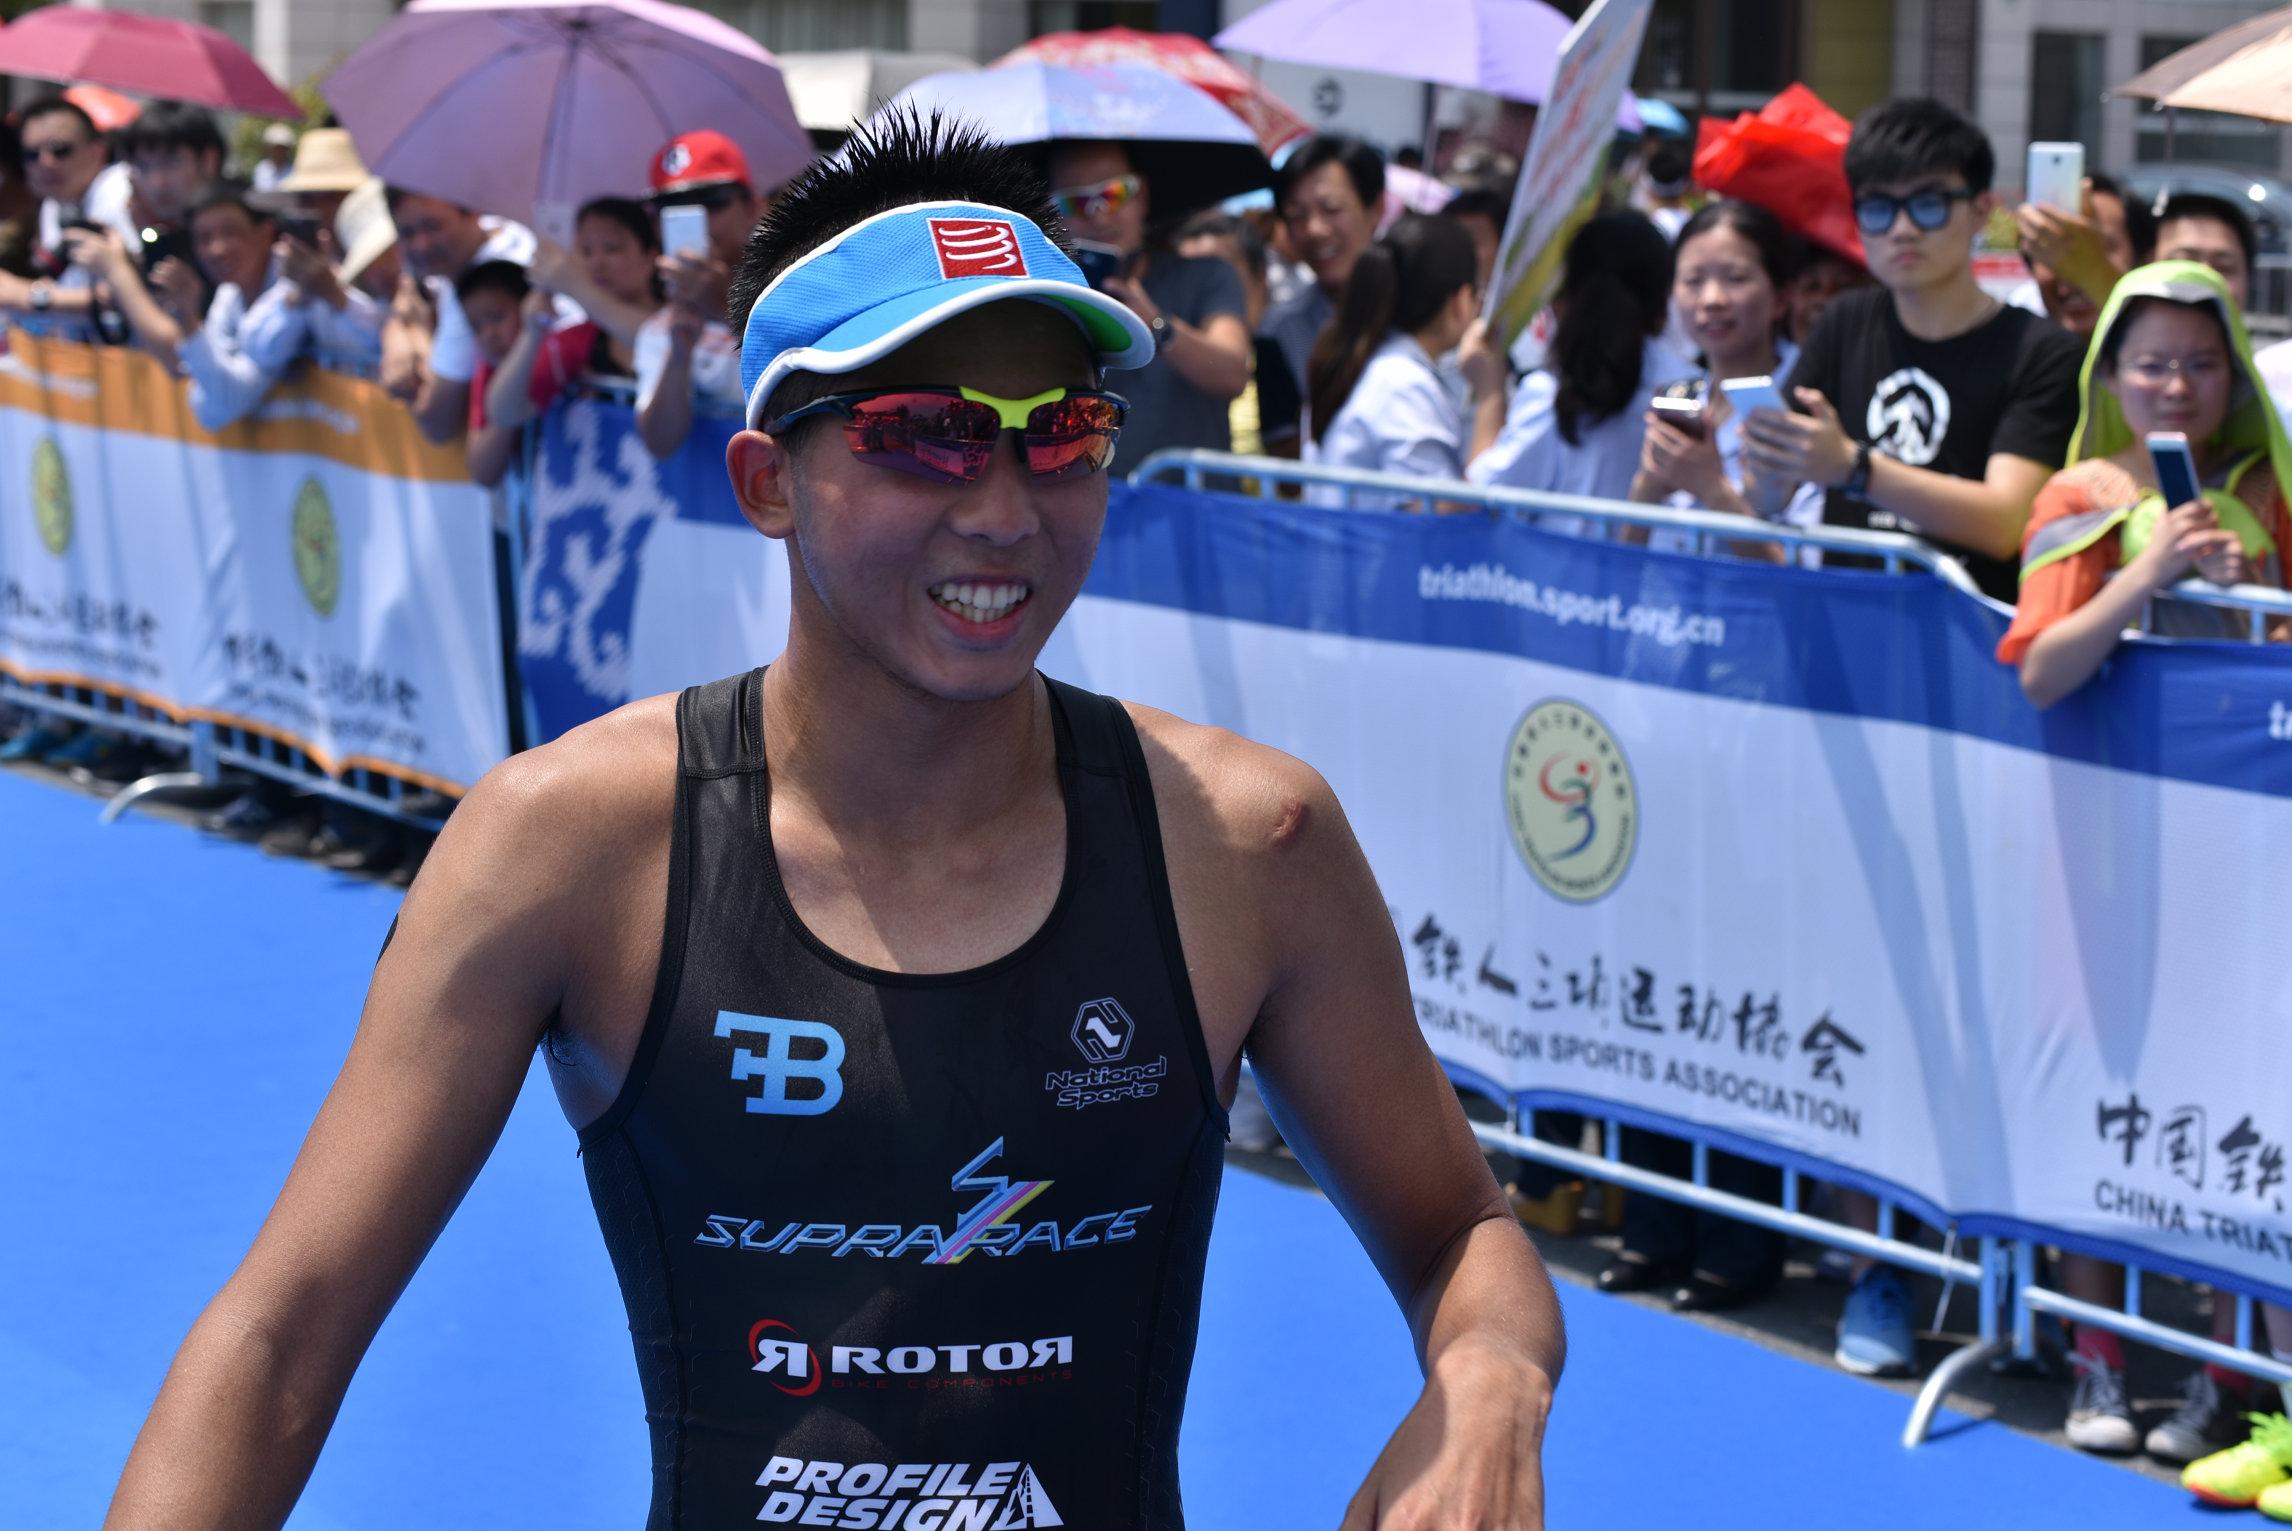 碧桂园•2016年黄山太平湖铁人三项国际精英赛 选手访谈